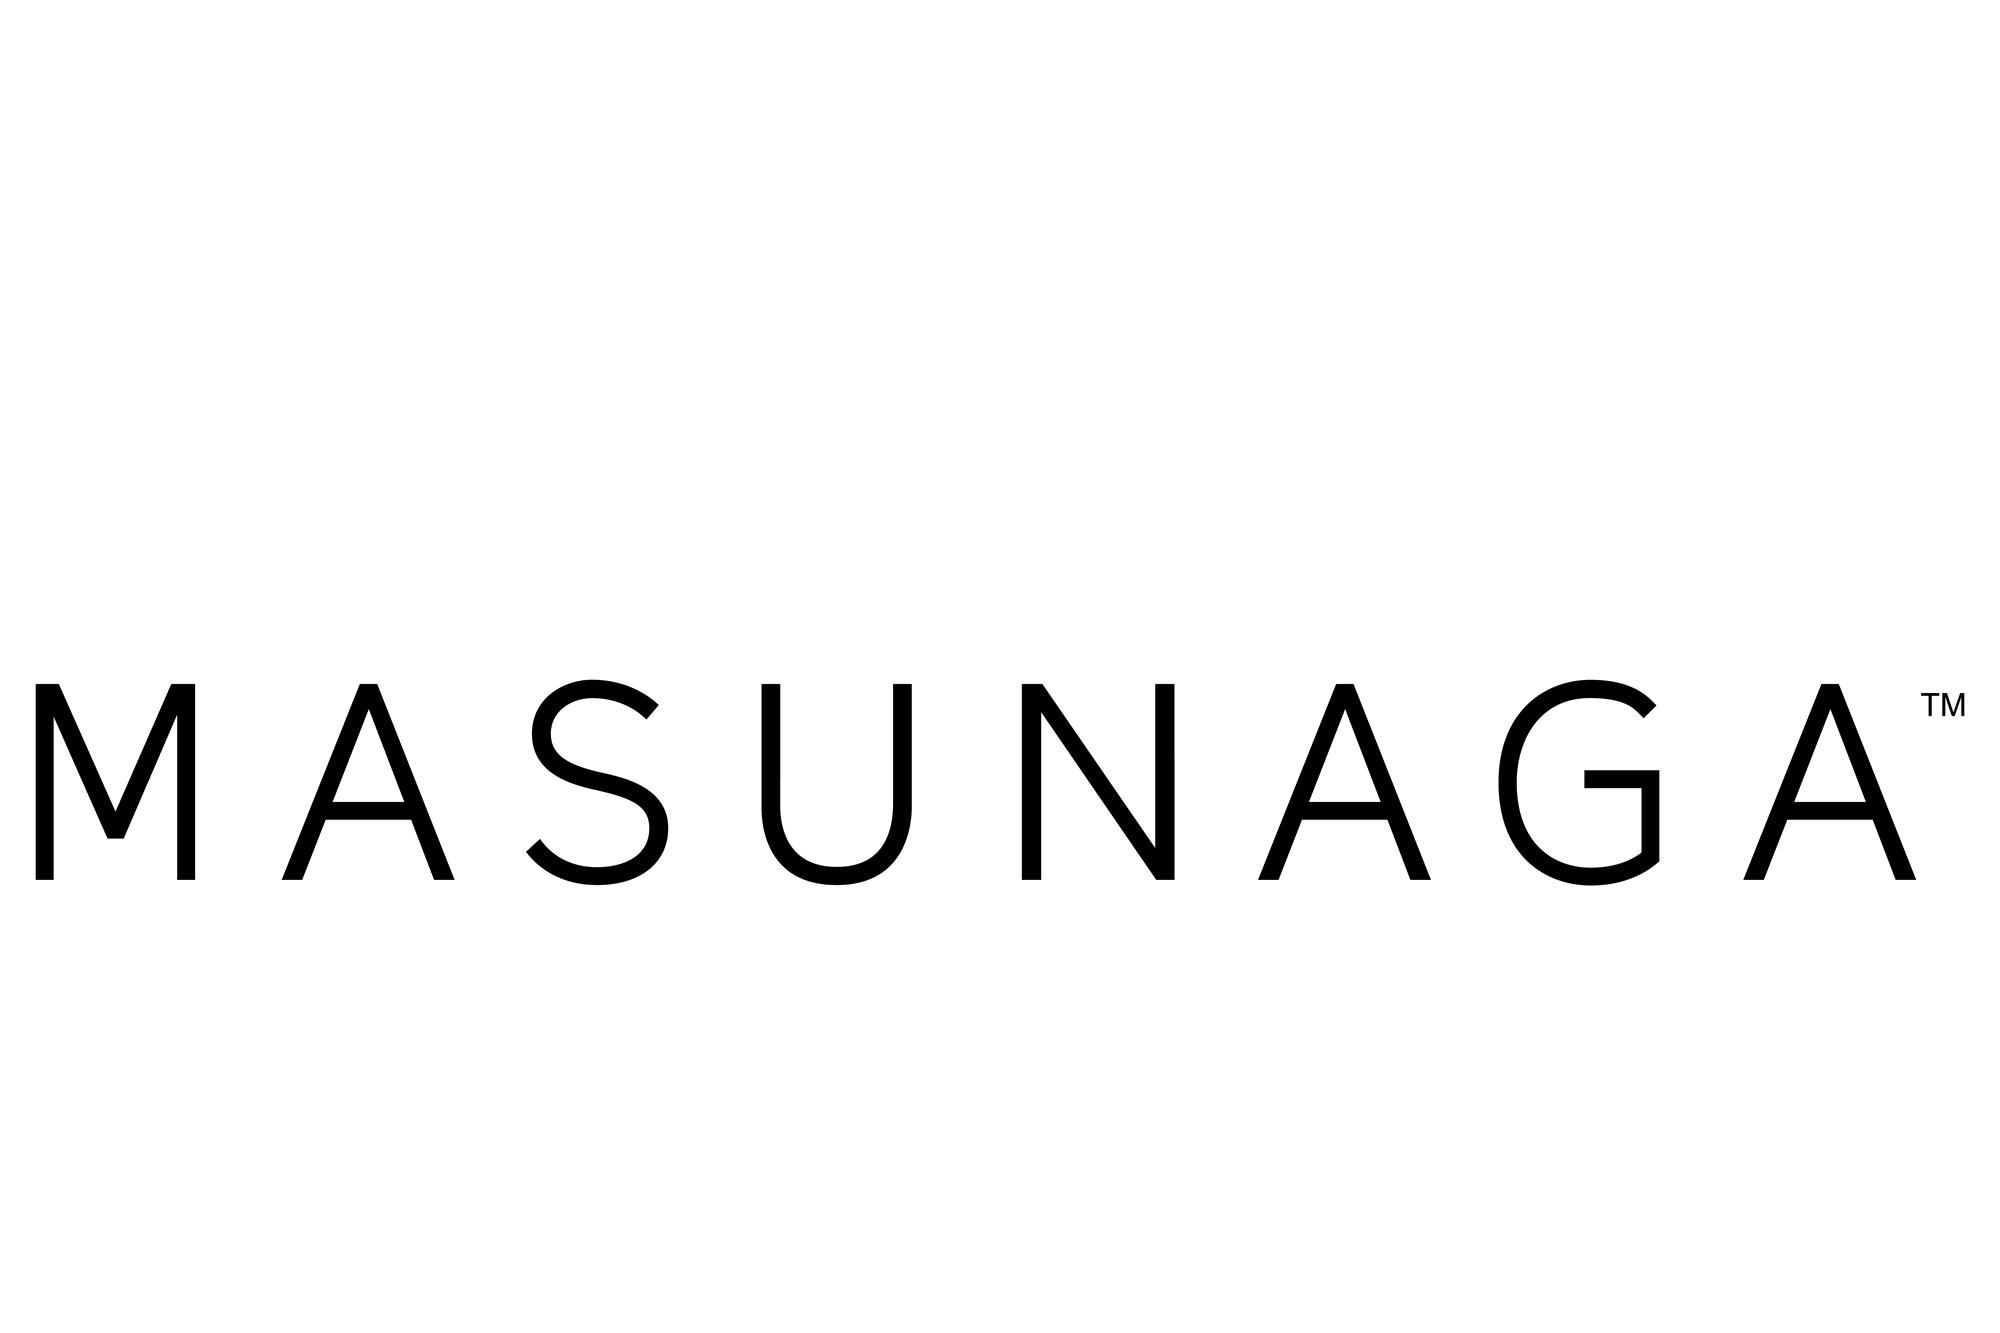 Masunaga - GMS 116